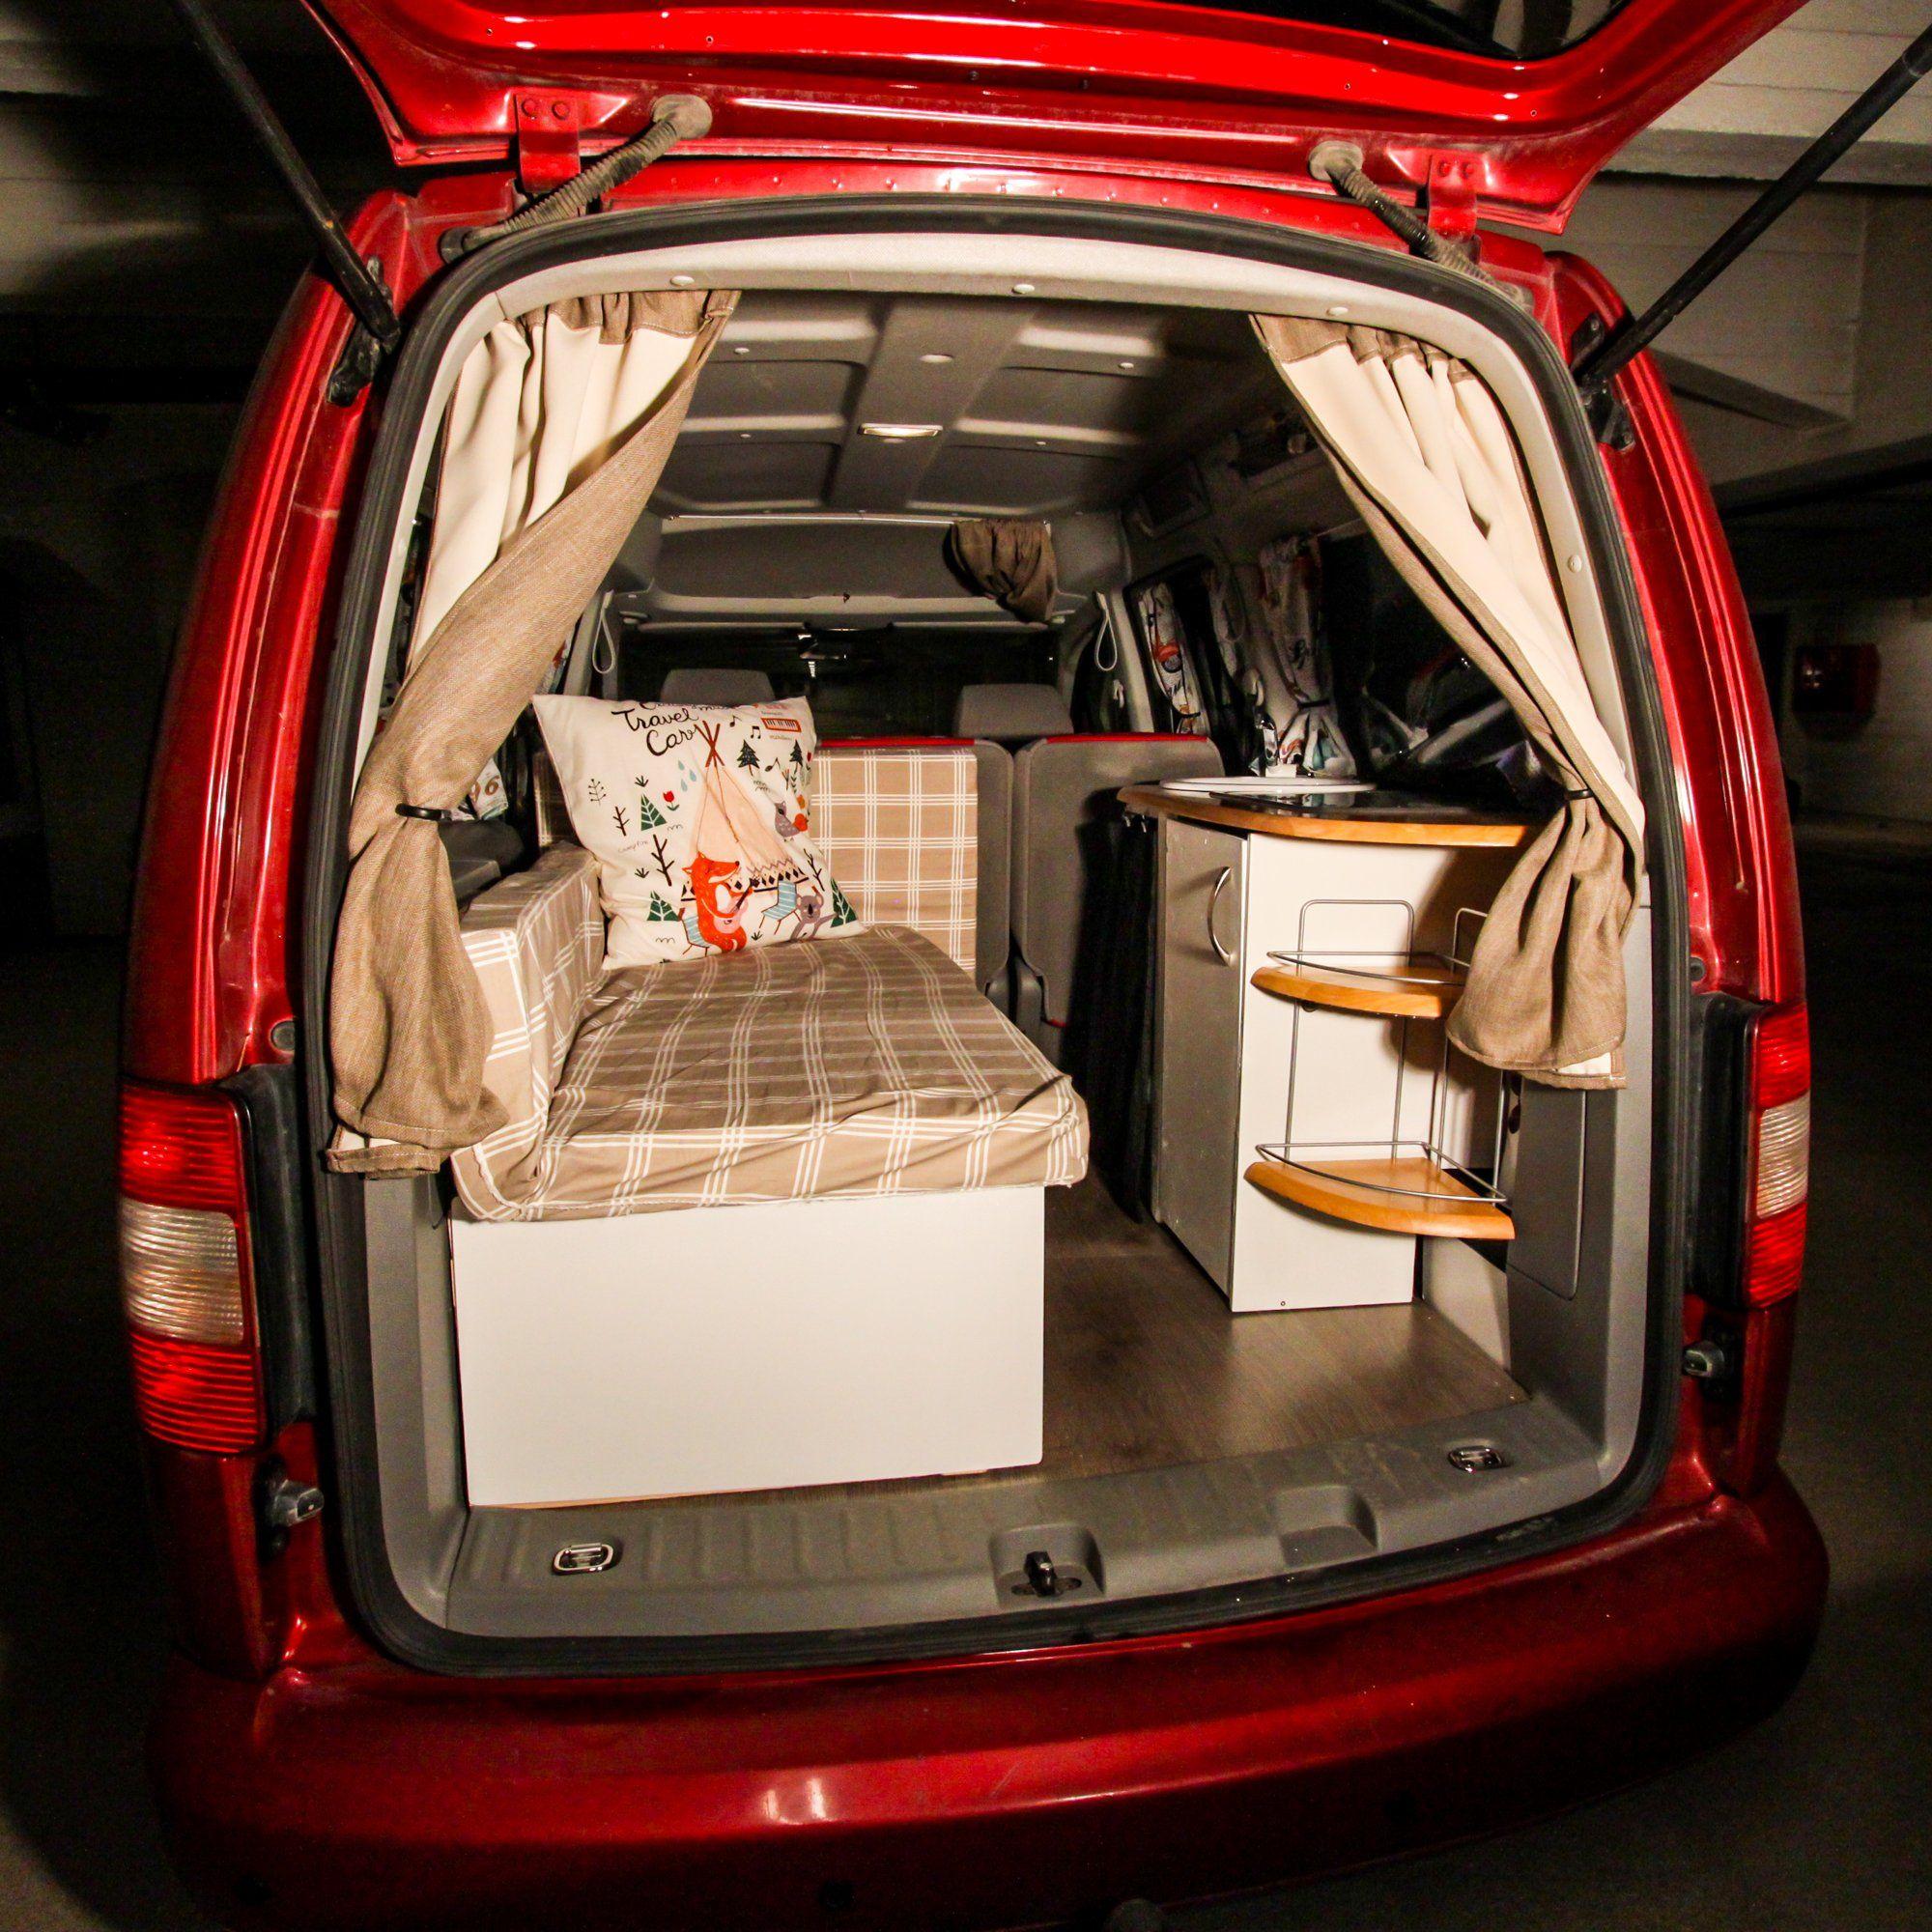 vw caddy maxi camper van my vw caddy maxi camper van. Black Bedroom Furniture Sets. Home Design Ideas